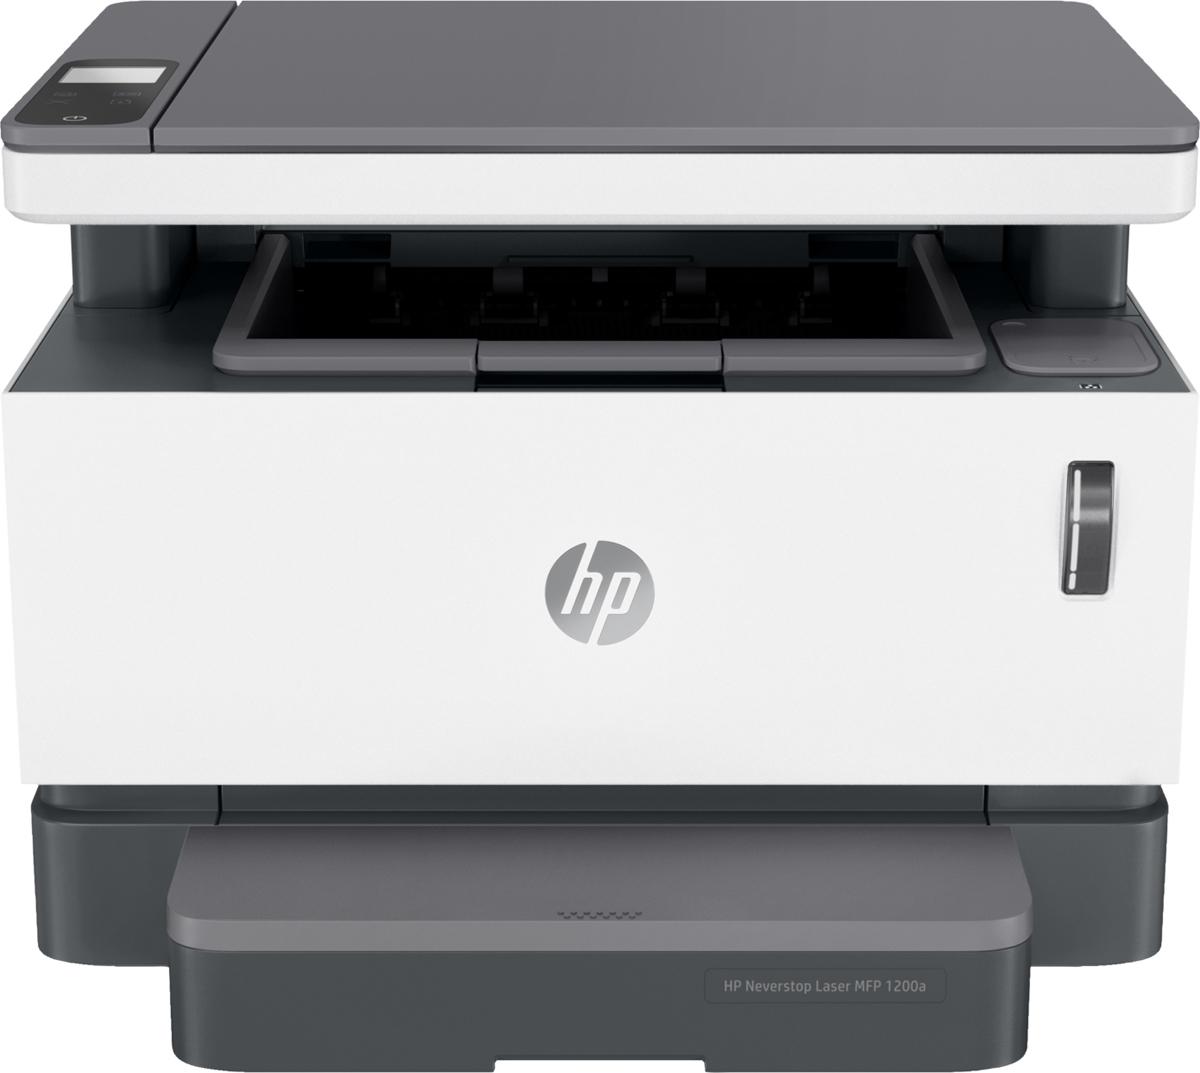 МФУ HP Neverstop Laser 1200a, белый